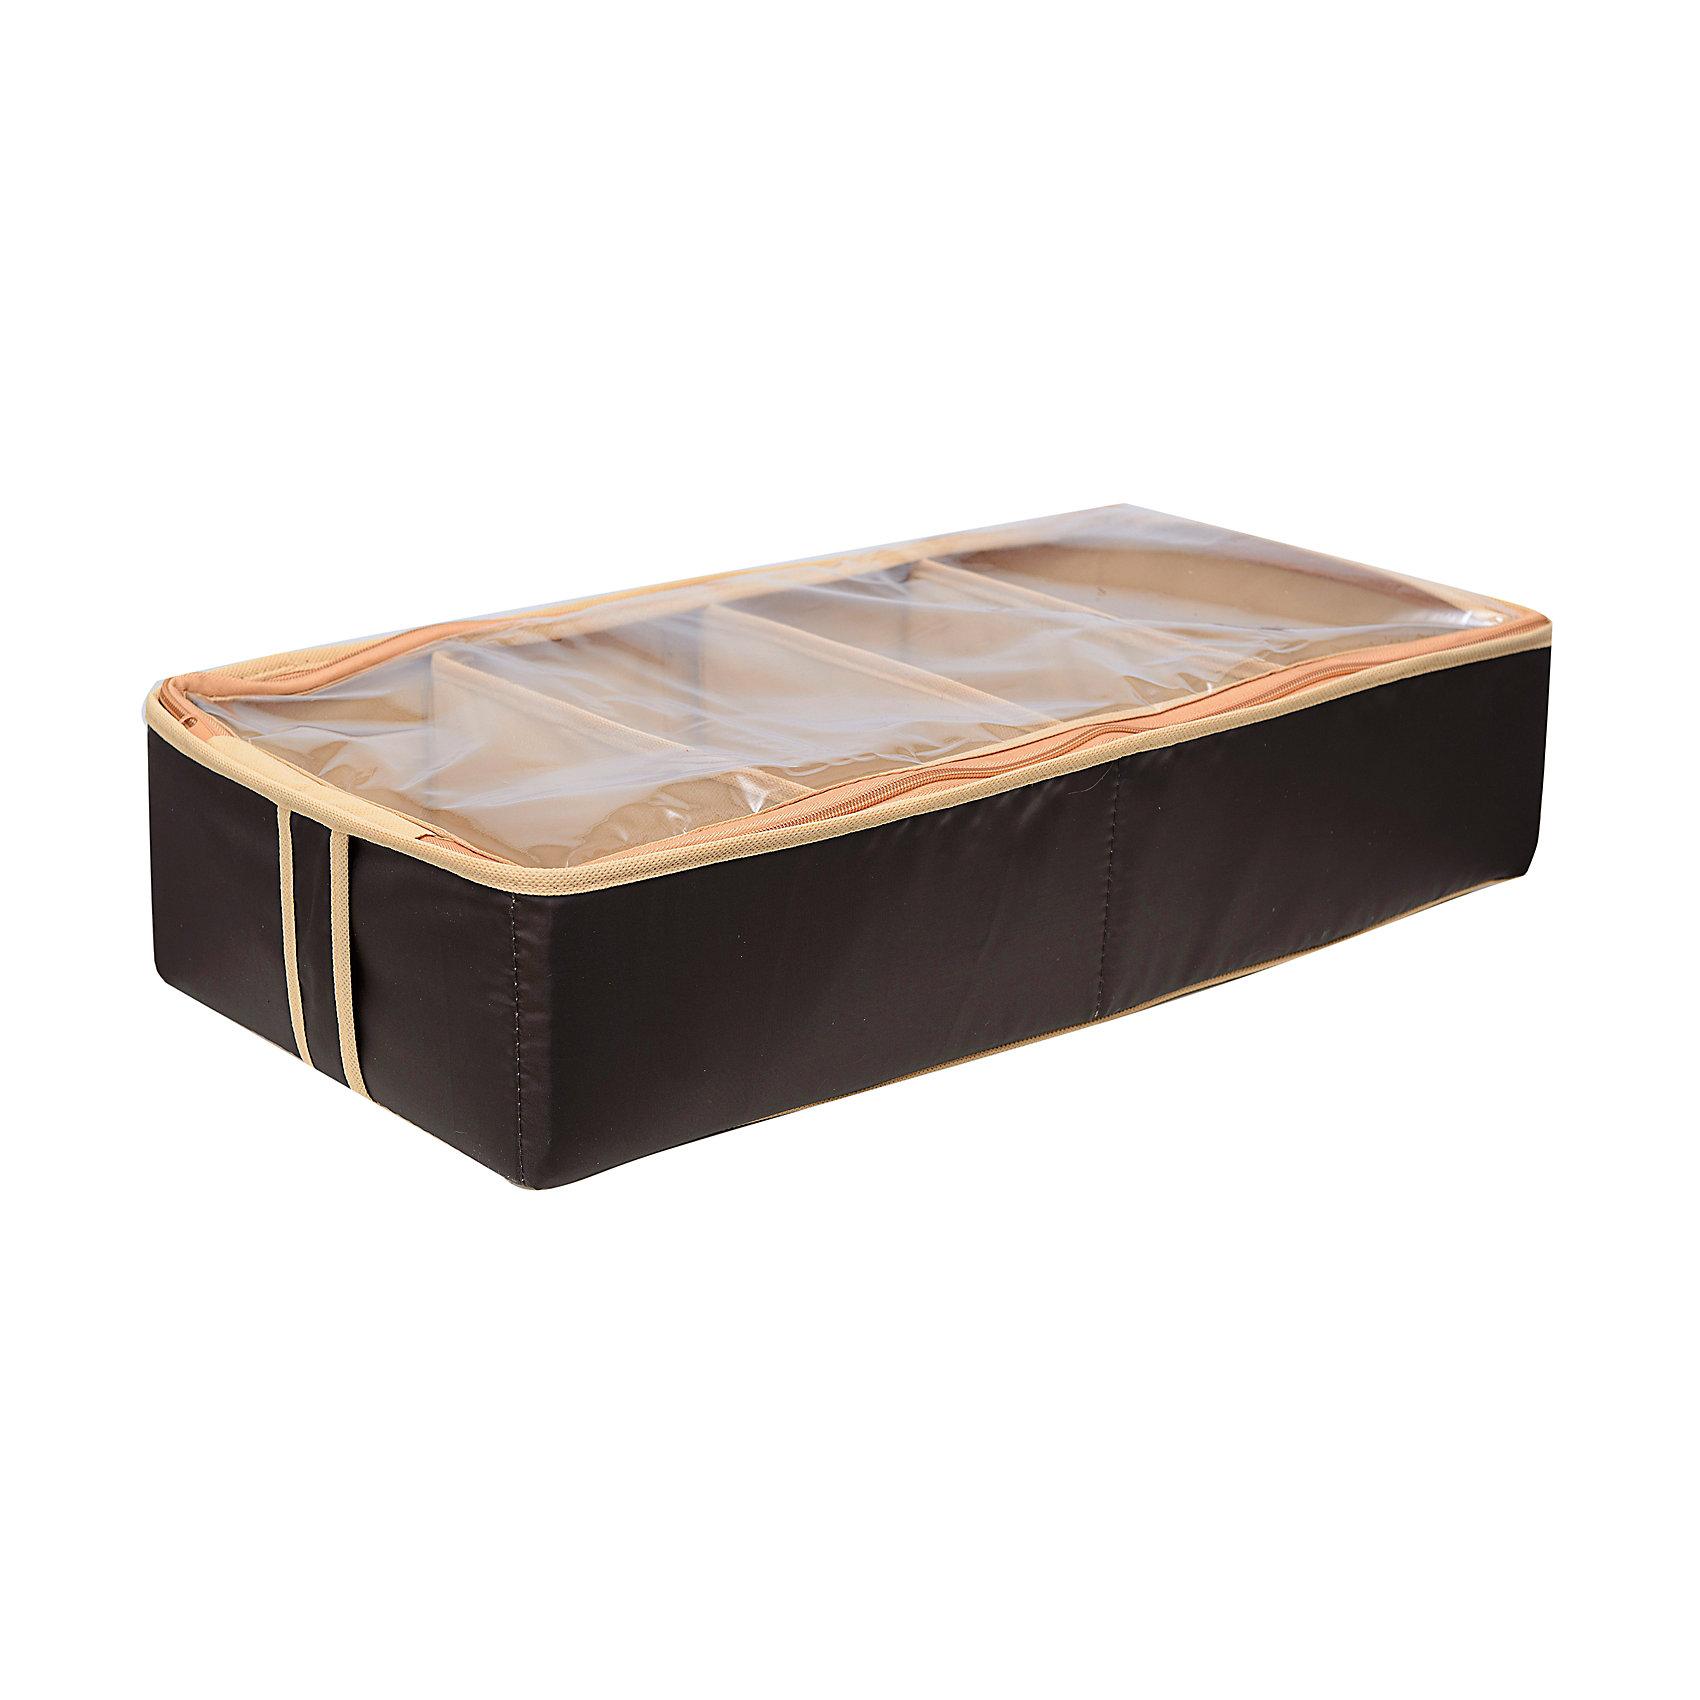 Органайзер для обуви на 4 бокса Costa-Rica, HomsuПорядок в детской<br>Характеристики товара:<br><br>• цвет: коричневый<br>• материал: полиэстер, картон, ПВХ<br>• размер: 52х26х12 см<br>• вес: 500 г<br>• легкий прочный каркас<br>• застежка: молния<br>• прозрачная крышка<br>• вместимость: 4 отделения<br>• страна бренда: Россия<br>• страна изготовитель: Китай<br><br>Органайзер для обуви на 4 бокса Costa-Rica от бренда Homsu (Хомсу) - очень удобная вещь для хранения вещей и эргономичной организации пространства.<br><br>Он легкий, устойчивый, вместительный, крышка защищает вещи от пыли.<br><br>Органайзер для обуви на 4 бокса Costa-Rica, Homsu можно купить в нашем интернет-магазине.<br><br>Ширина мм: 330<br>Глубина мм: 270<br>Высота мм: 20<br>Вес г: 500<br>Возраст от месяцев: 216<br>Возраст до месяцев: 1188<br>Пол: Унисекс<br>Возраст: Детский<br>SKU: 5620218